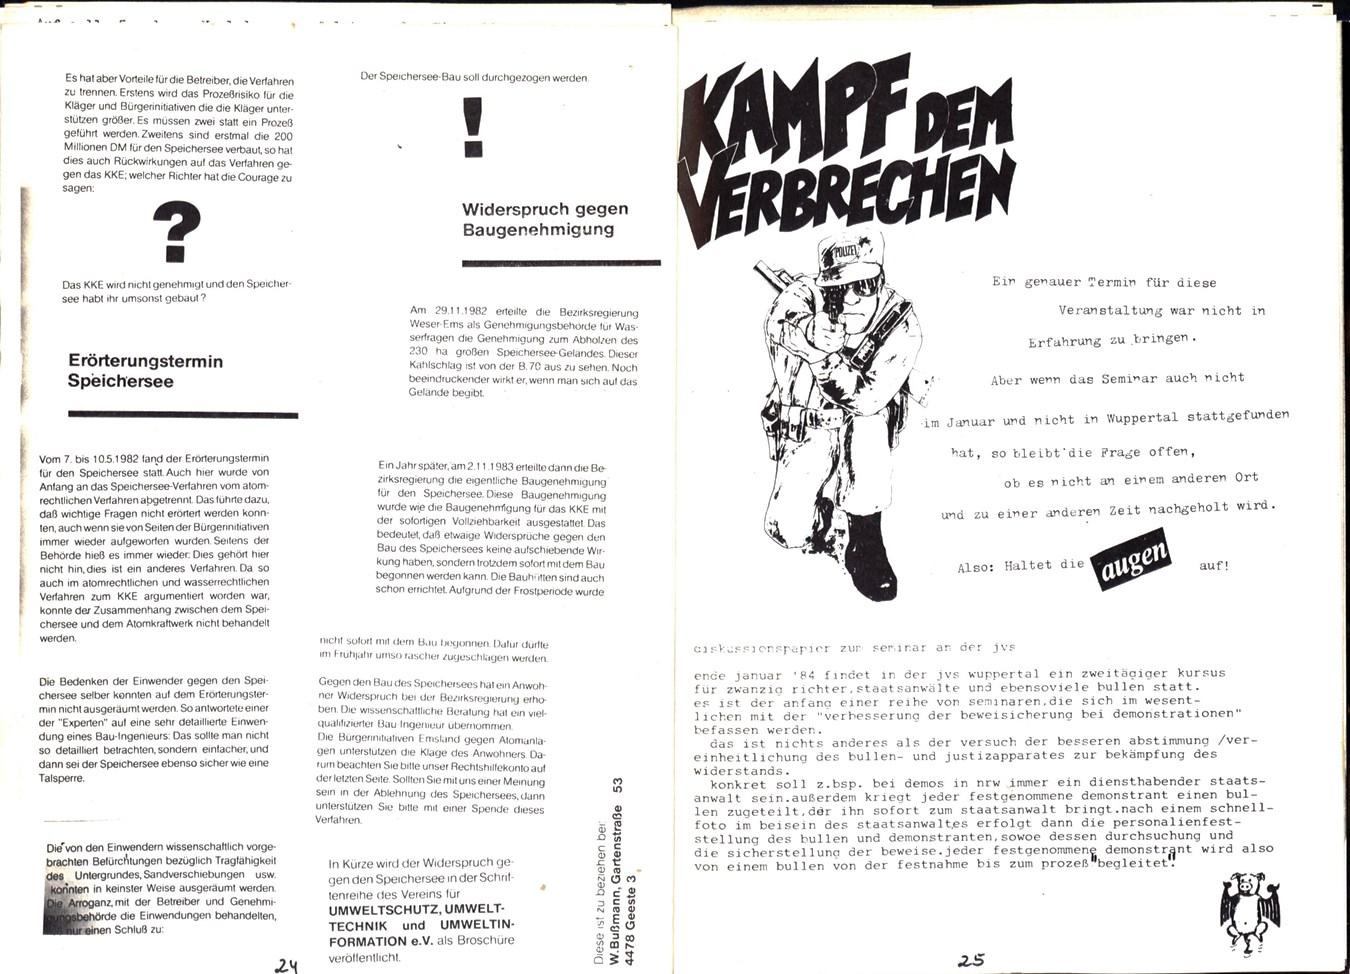 NRW_AKW_LKNRW_19840304_46_13